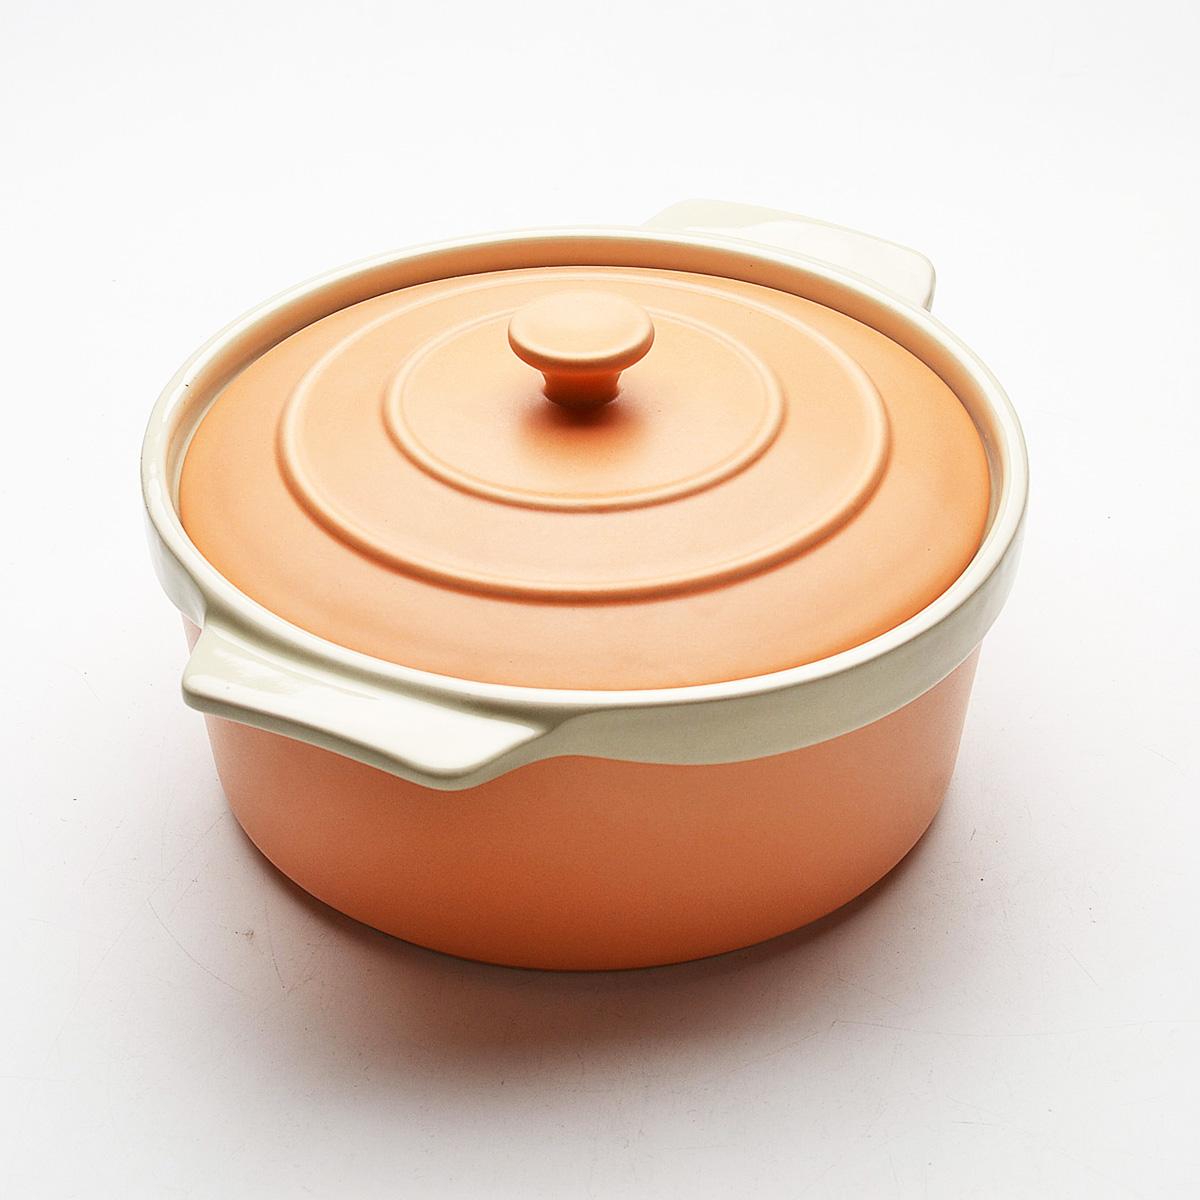 Жаровня Mayer & Boch с крышкой, цвет: оранжевый, бежевый, 2 л. 2178721787Жаровня Mayer & Boch, изготовленная из высококачественной керамики, подходит для любого вида пищи. Элегантный дизайн идеально подходит для современного дома. В комплект входит крышка из керамики. Пища, приготовленная в керамической посуде, сохраняет свои вкусовые качества, и благодаря экологической чистоте материала, не может нанести вред здоровью человека. Керамика - один из самых лучших материалов, который удерживает тепло, медленно и равномерно его распределяет. Максимальный нагрев - 400°С. С такой жаровней вы всегда сможете порадовать своих близких оригинальным блюдом. Жаровню можно использовать в духовом шкафу, в микроволновой печи, замораживать в холодильнике. Можно мыть в посудомоечной машине. Ширина жаровни (с учетом ручек): 25 см. Высота стенок: 7 см. Толщина стенок: 6-7 мм.